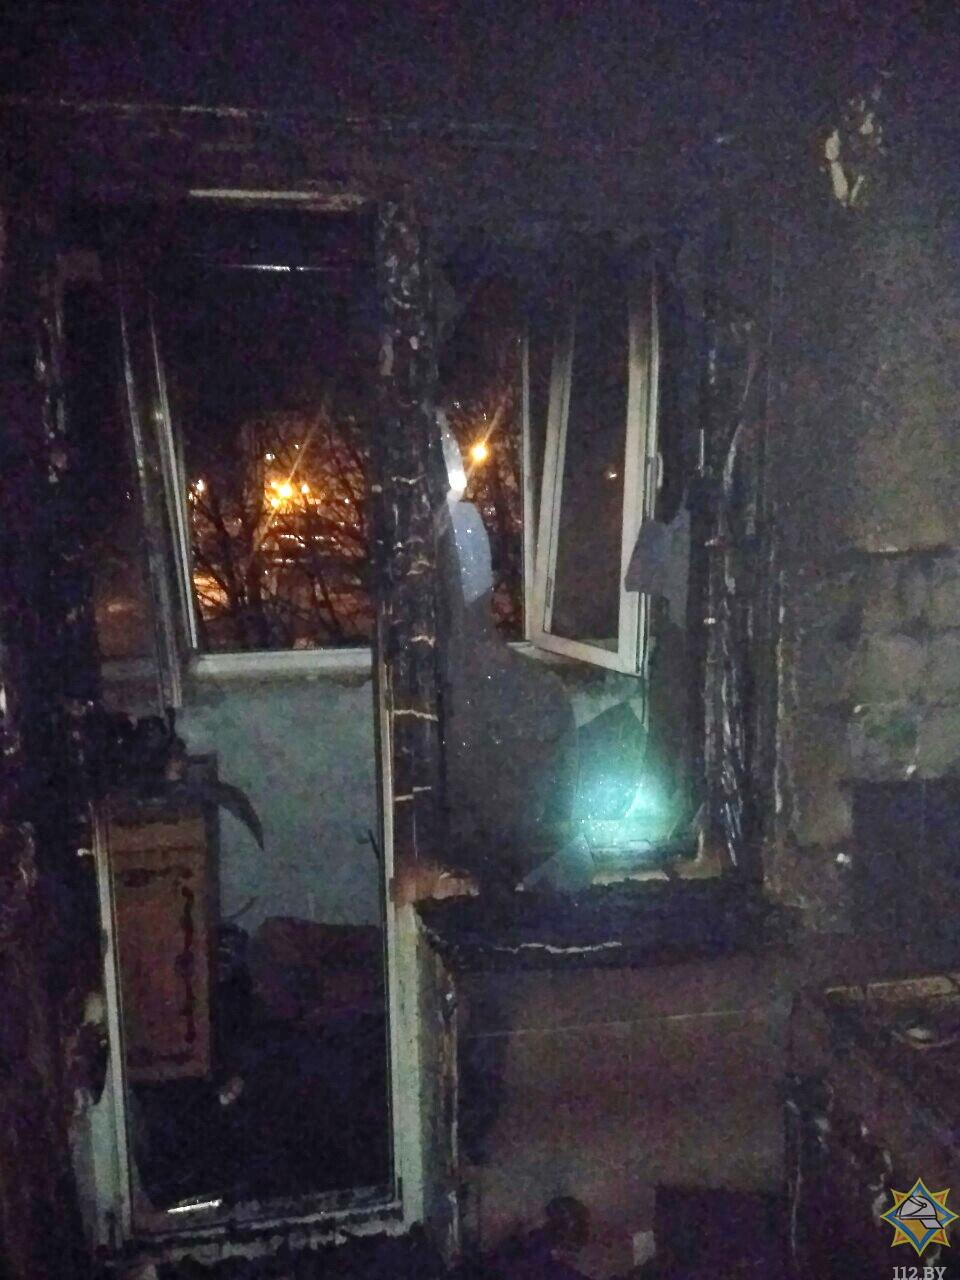 Ночью сгорела квартира в Минске: жена погибла, муж выжил